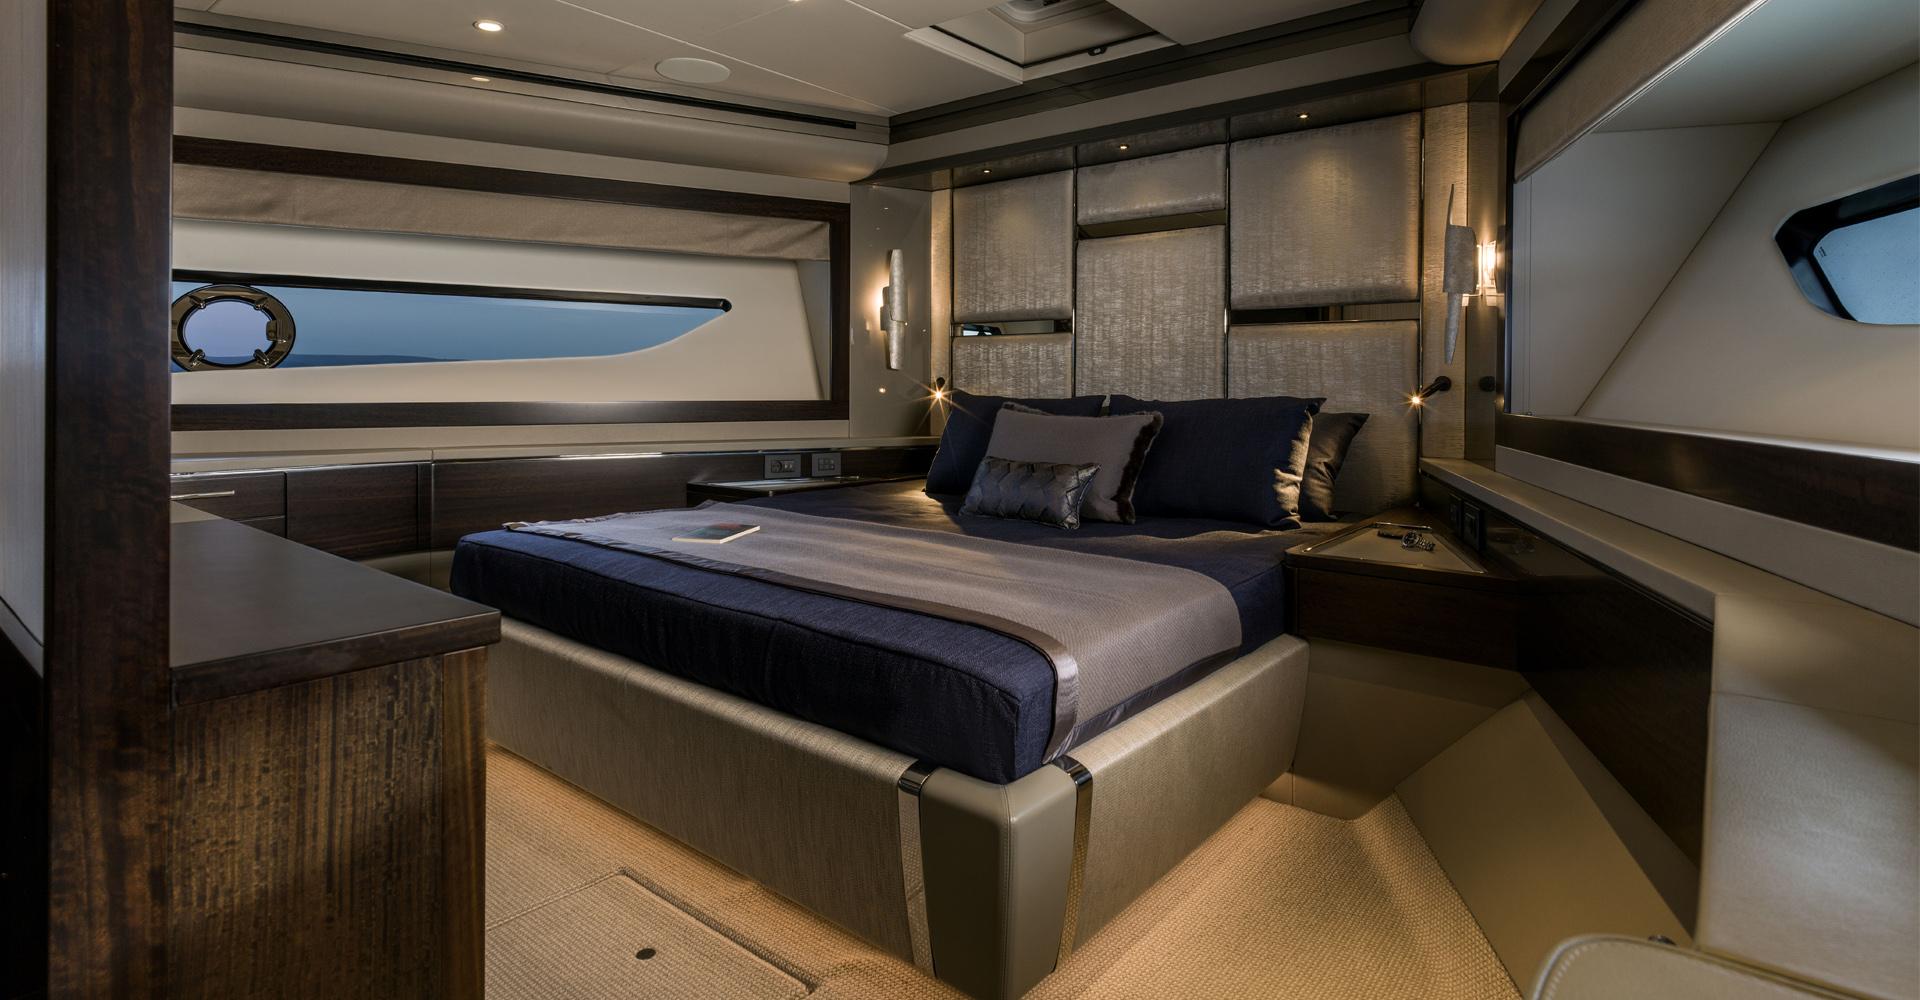 master cabin of Sunseeker 88 yacht